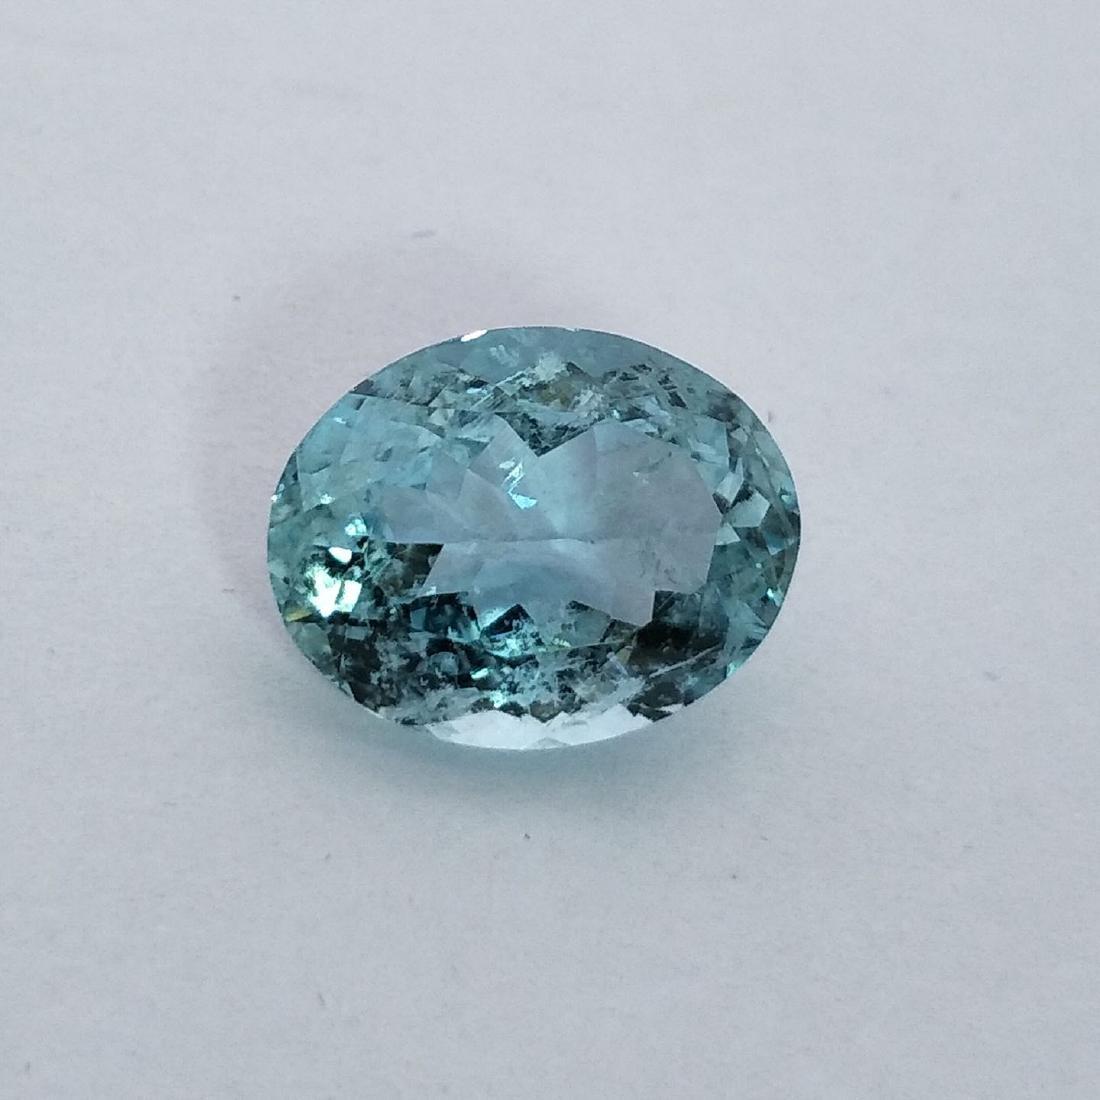 Aquamarine - 3.85 ct - 2